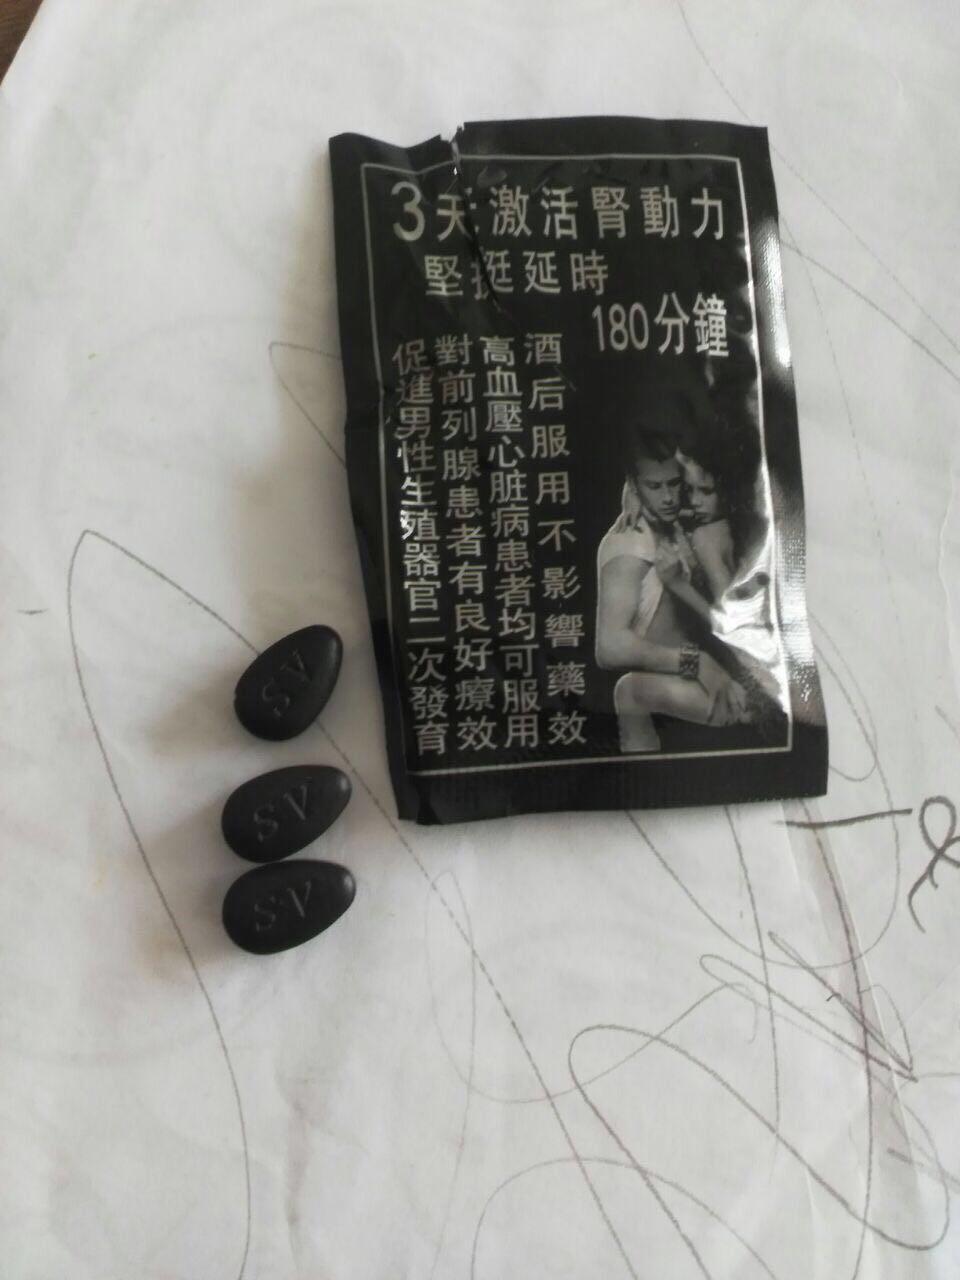 African Viagra 3lü 180mg